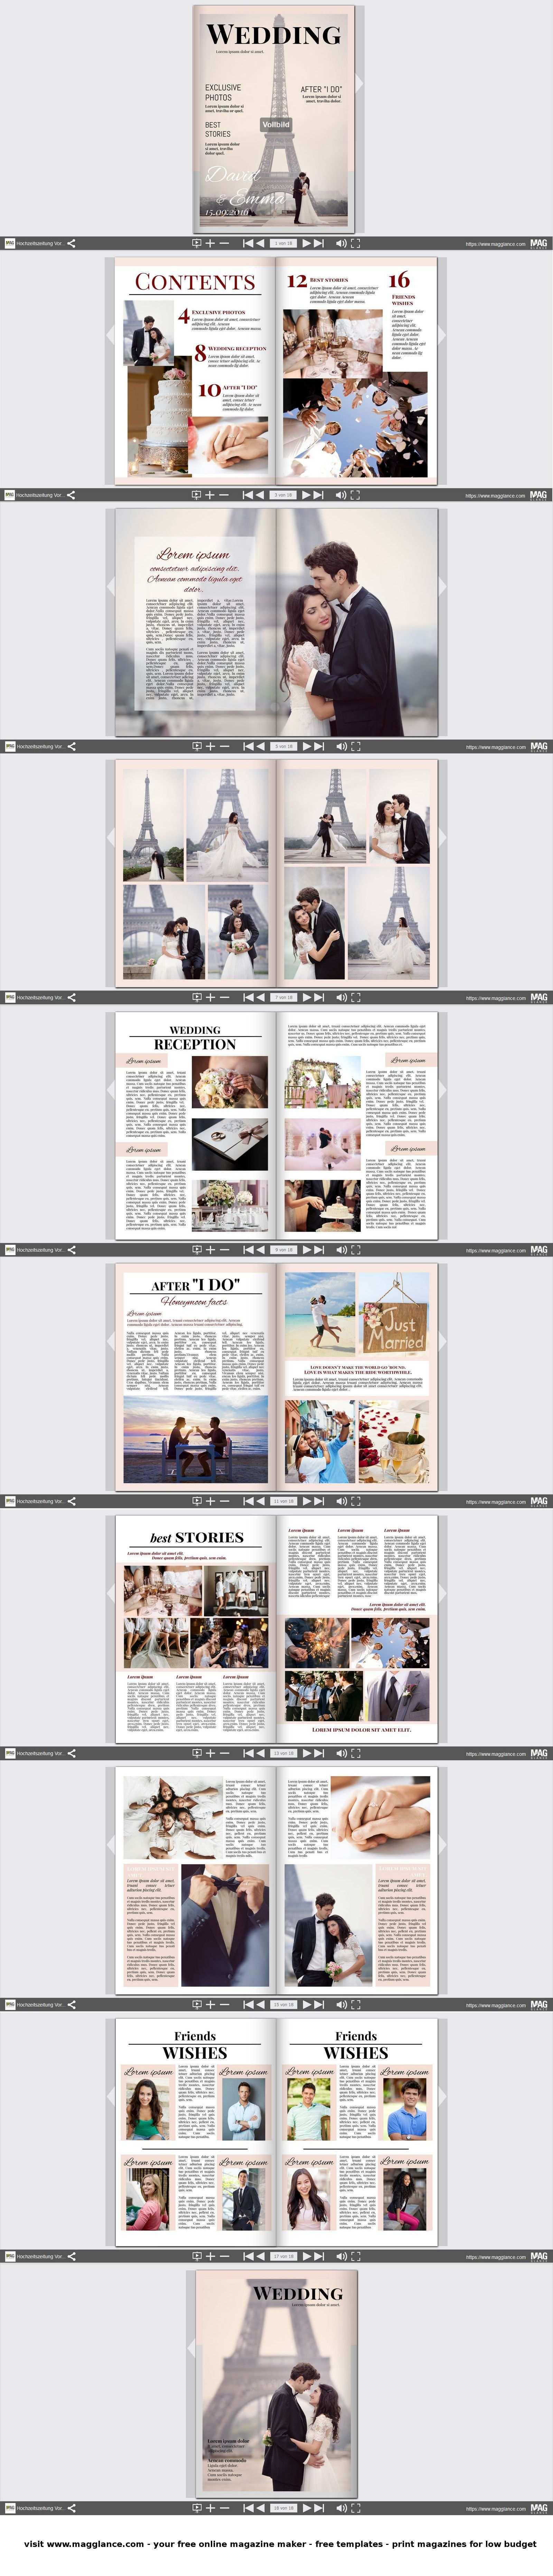 Hochzeitszeitung Kostenlos Online Erstellen Und Gunstig Drucken Unter De Magglance Com Zeitung Magazin Hoch Hochzeitszeitung Hochzeitszeitung Ideen Hochzeit